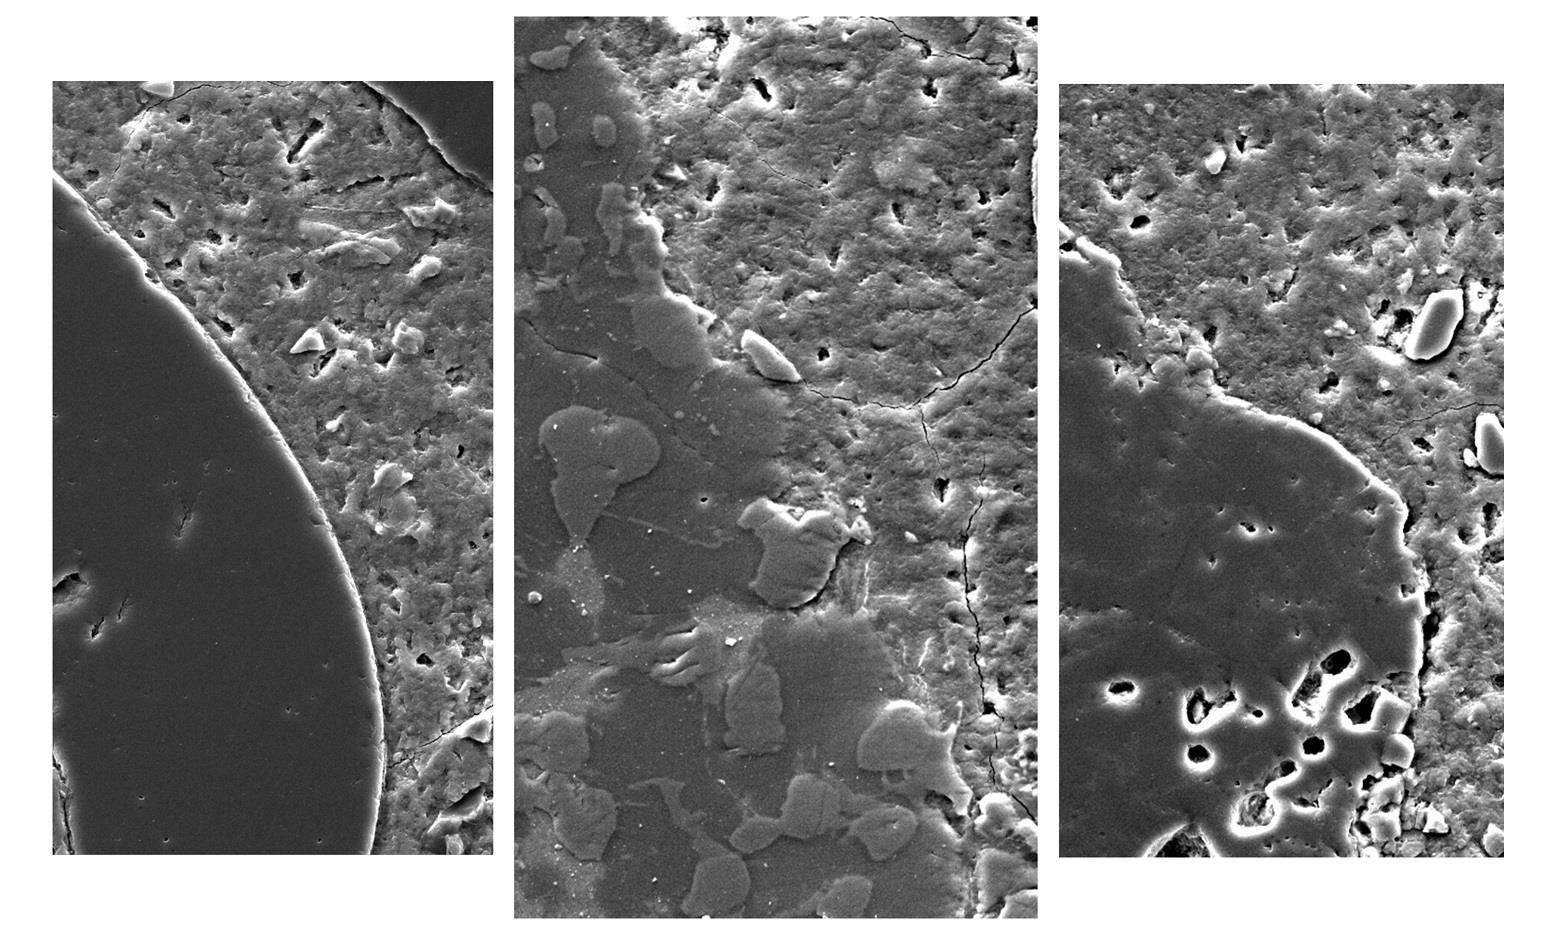 Вчені знайшли спосіб виготовляти надміцний бетон з додаванням перероблених шлаків